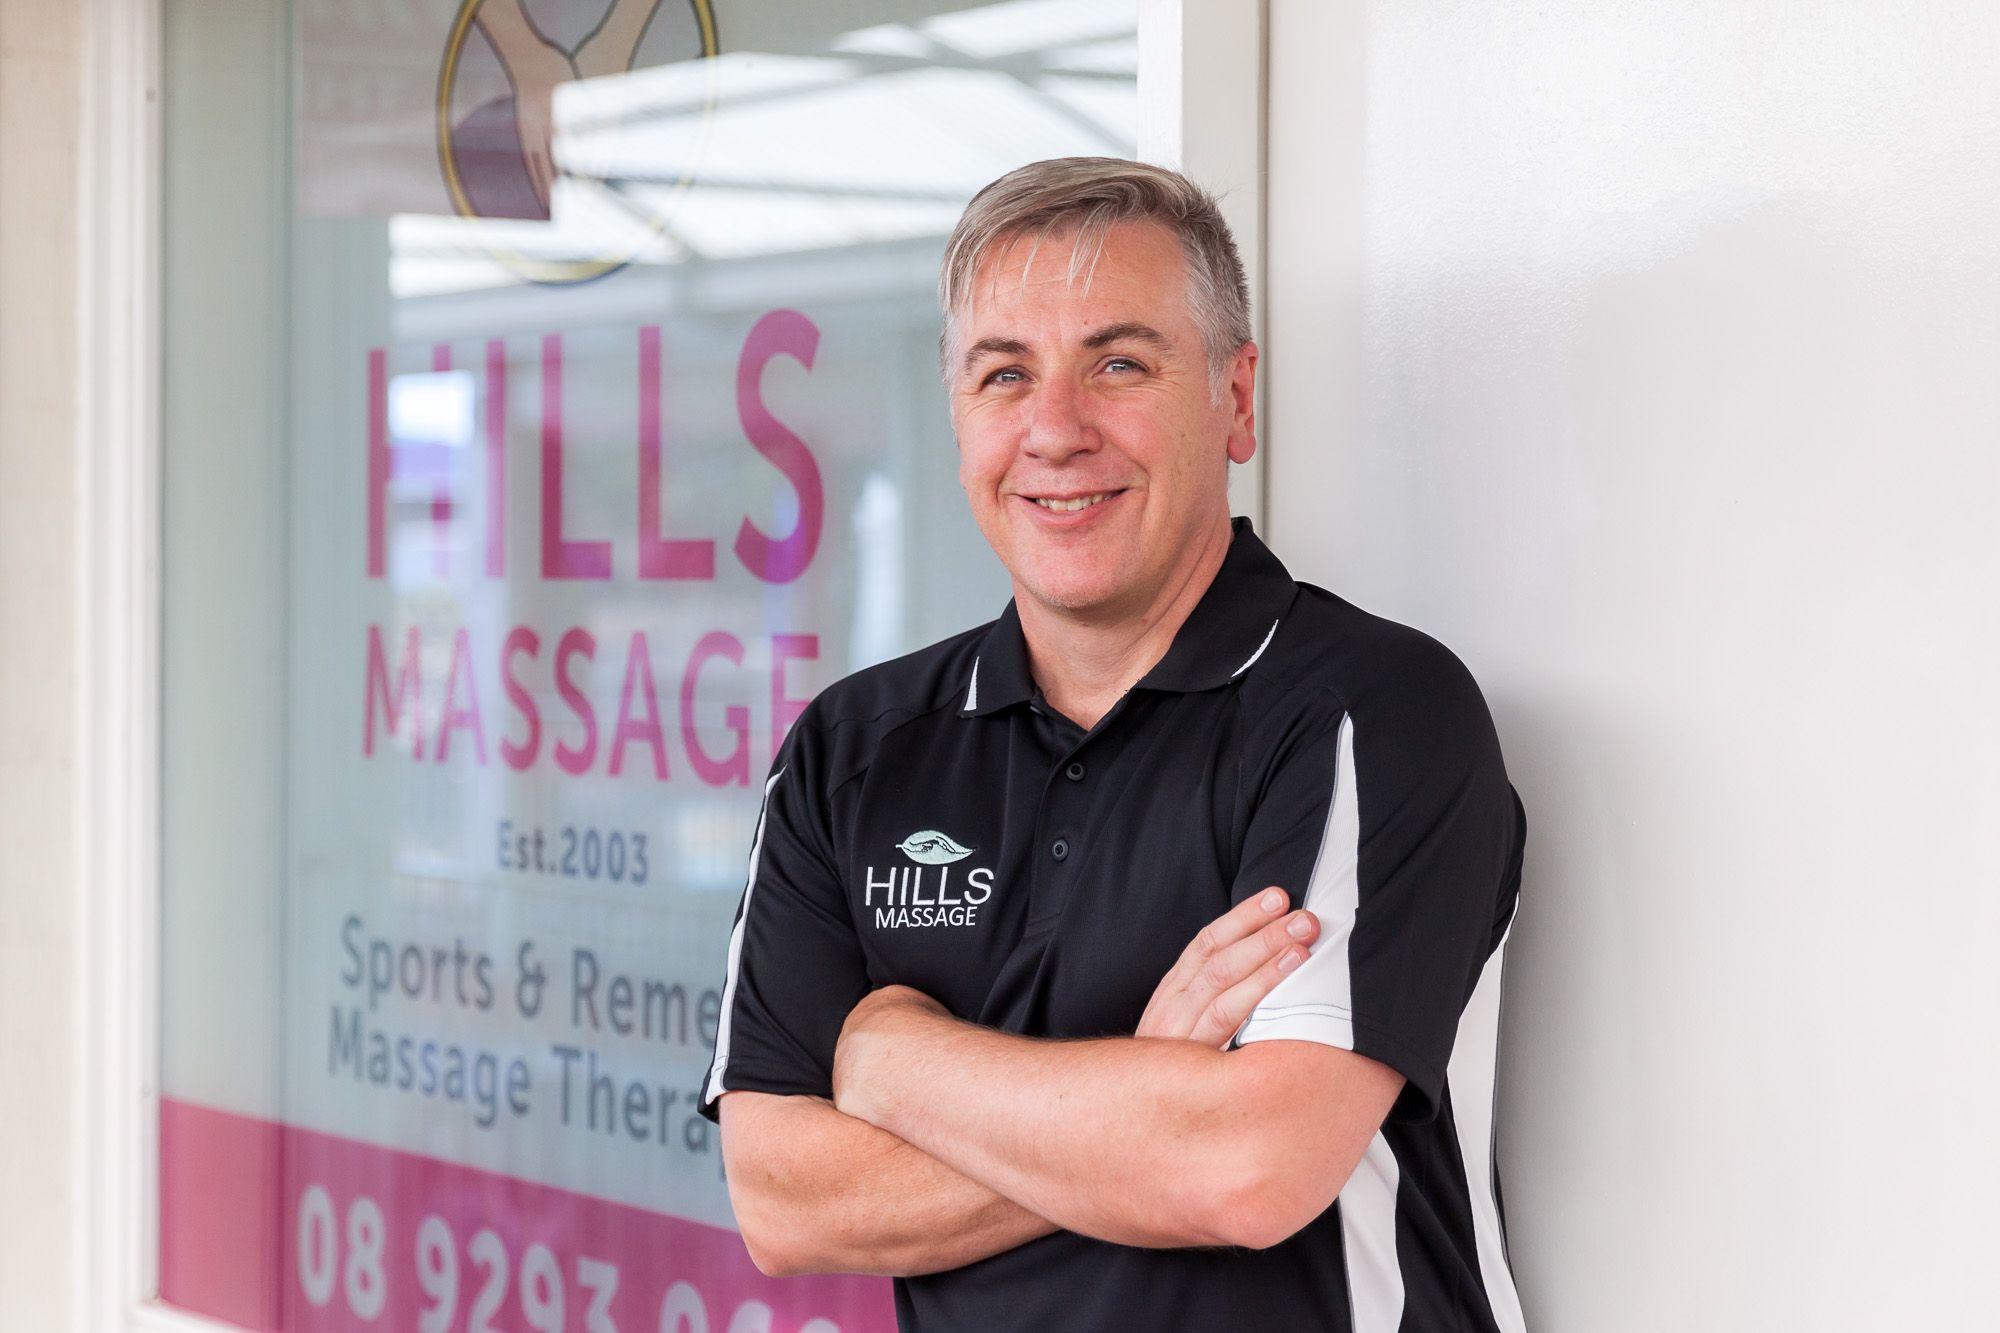 Hills Massage practice manager, Alec Rimmer.